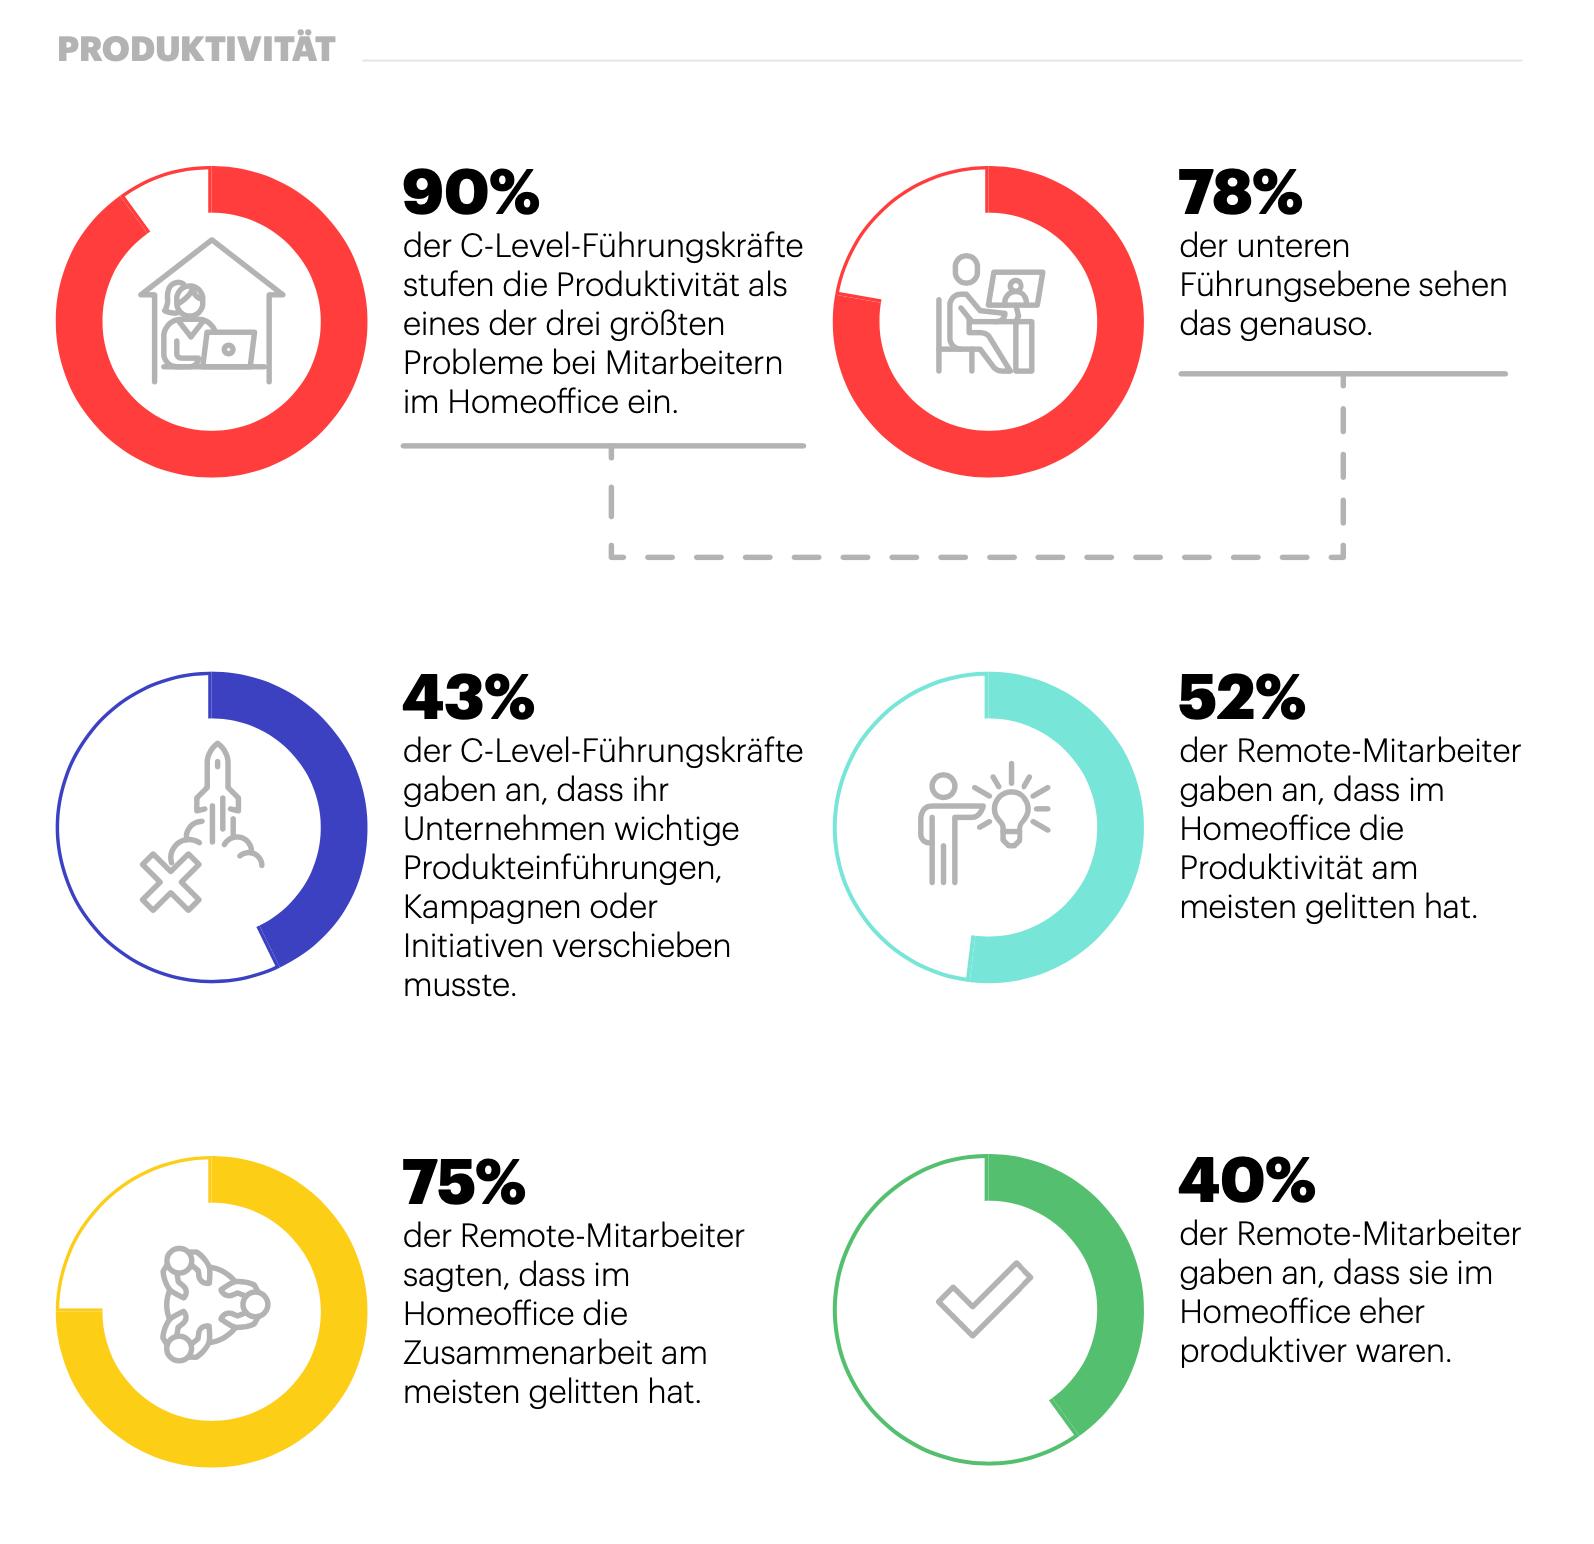 Sechs Diagramme zeigen den Anteil Manager, die meinten, dass die Produktivität durch COVID-19 gelitten habe